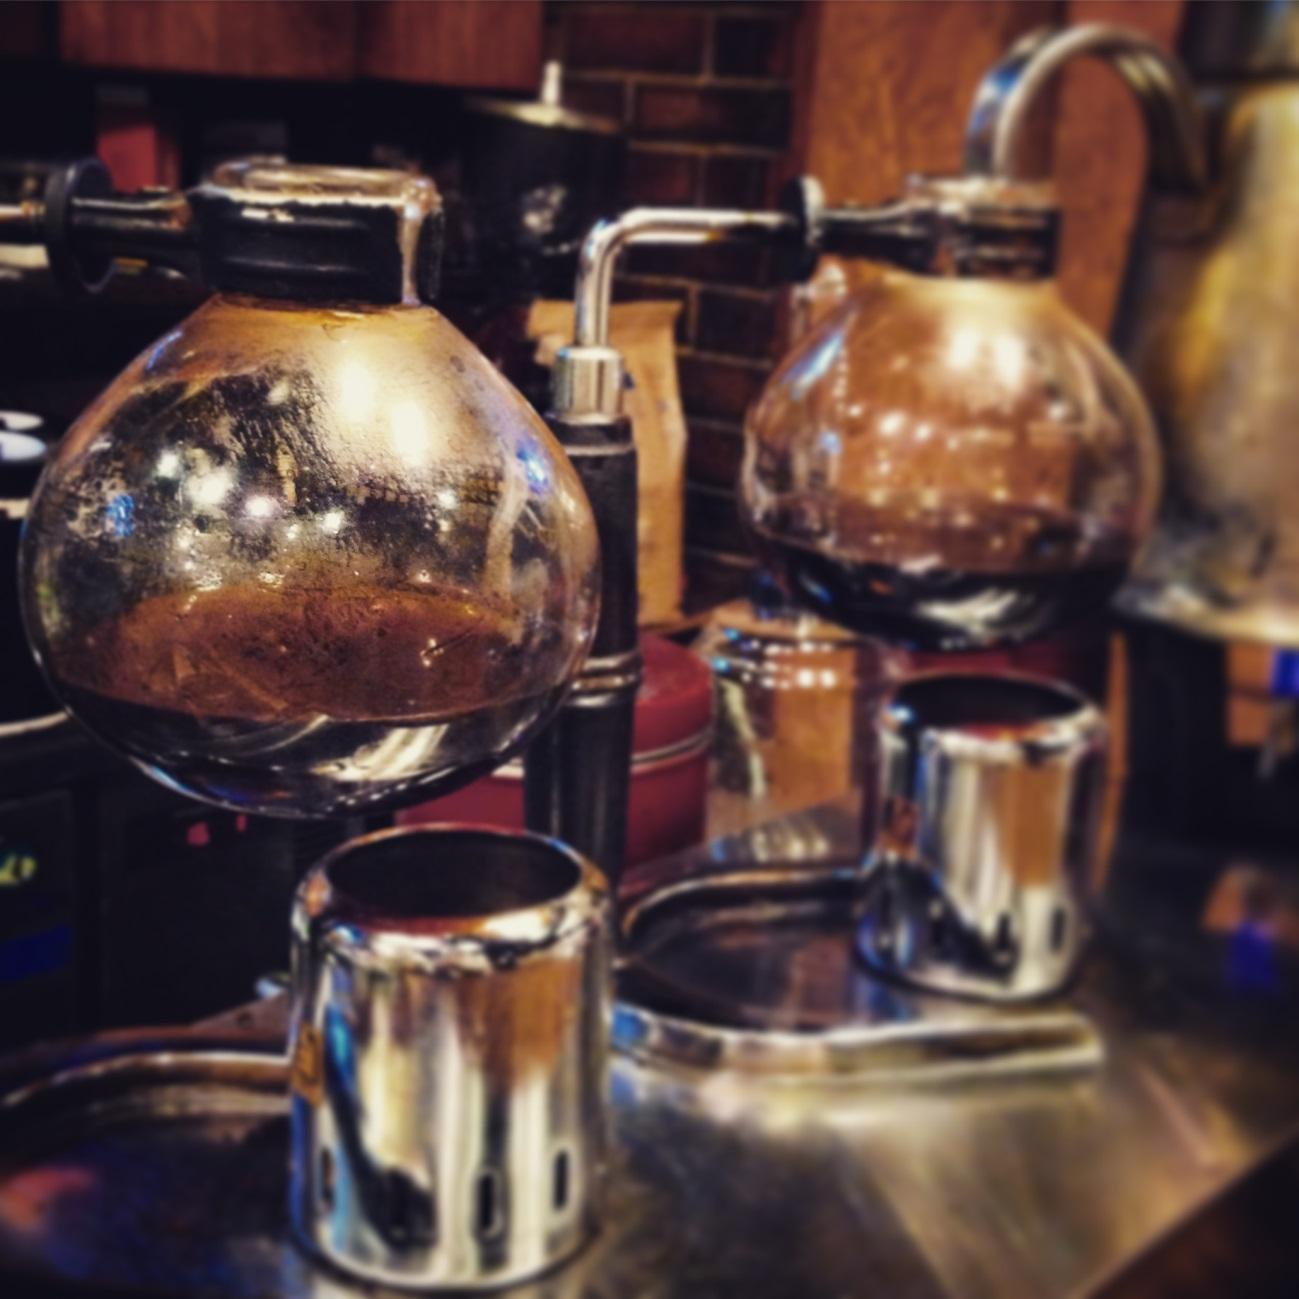 古町のレトロ喫茶「香里鐘(カリヨン)」。日々の喧騒から隔離されたノスタルジック空間